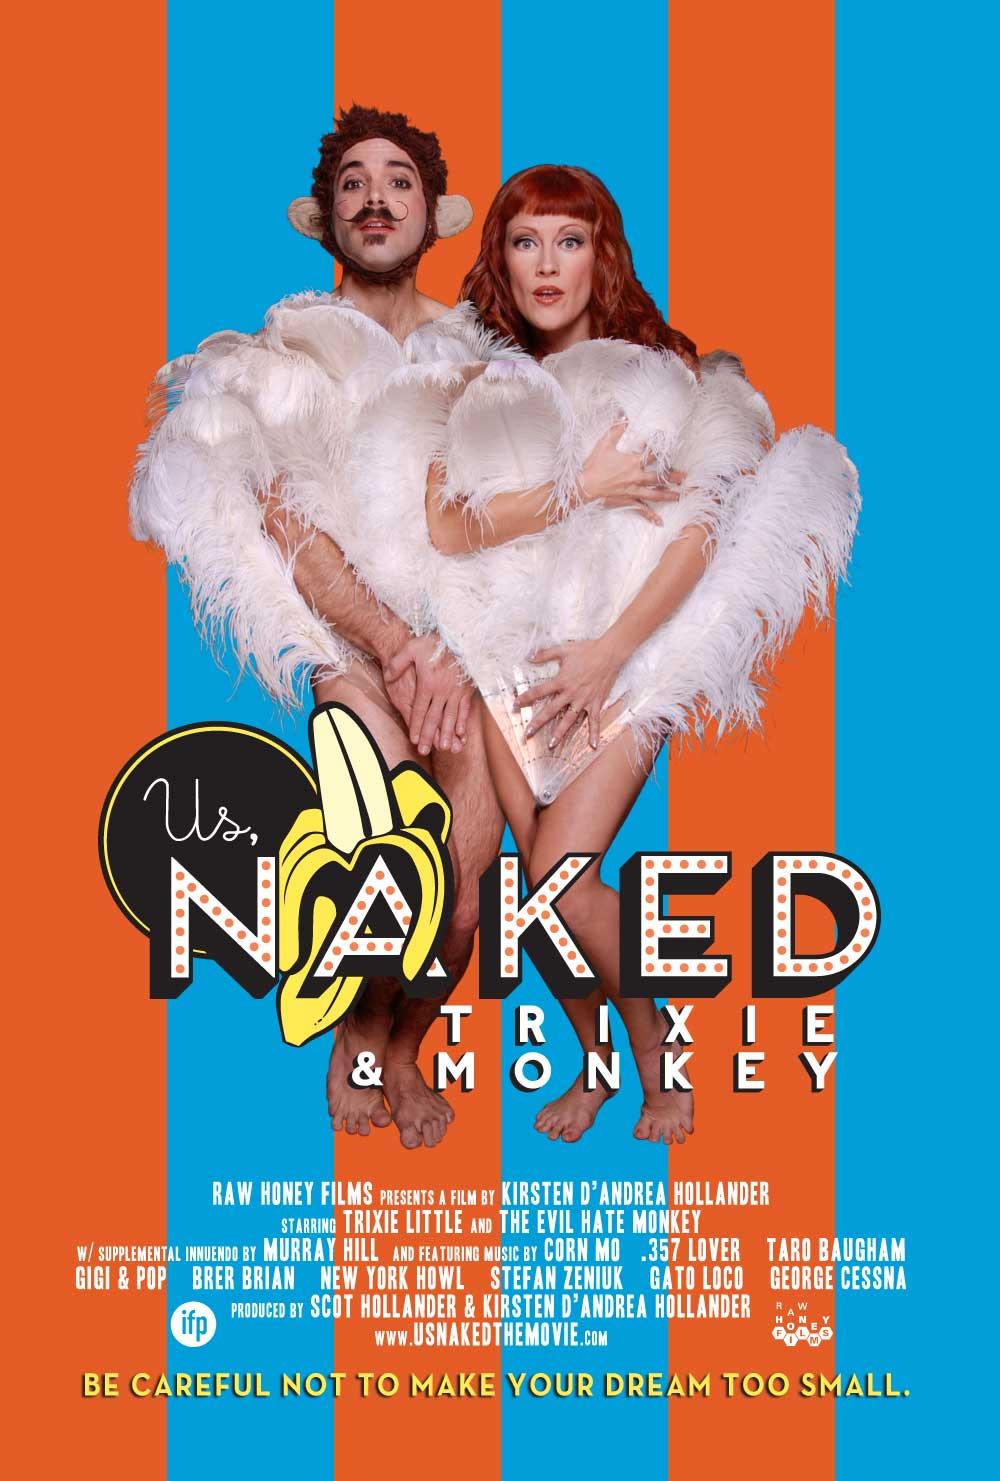 Us, Naked